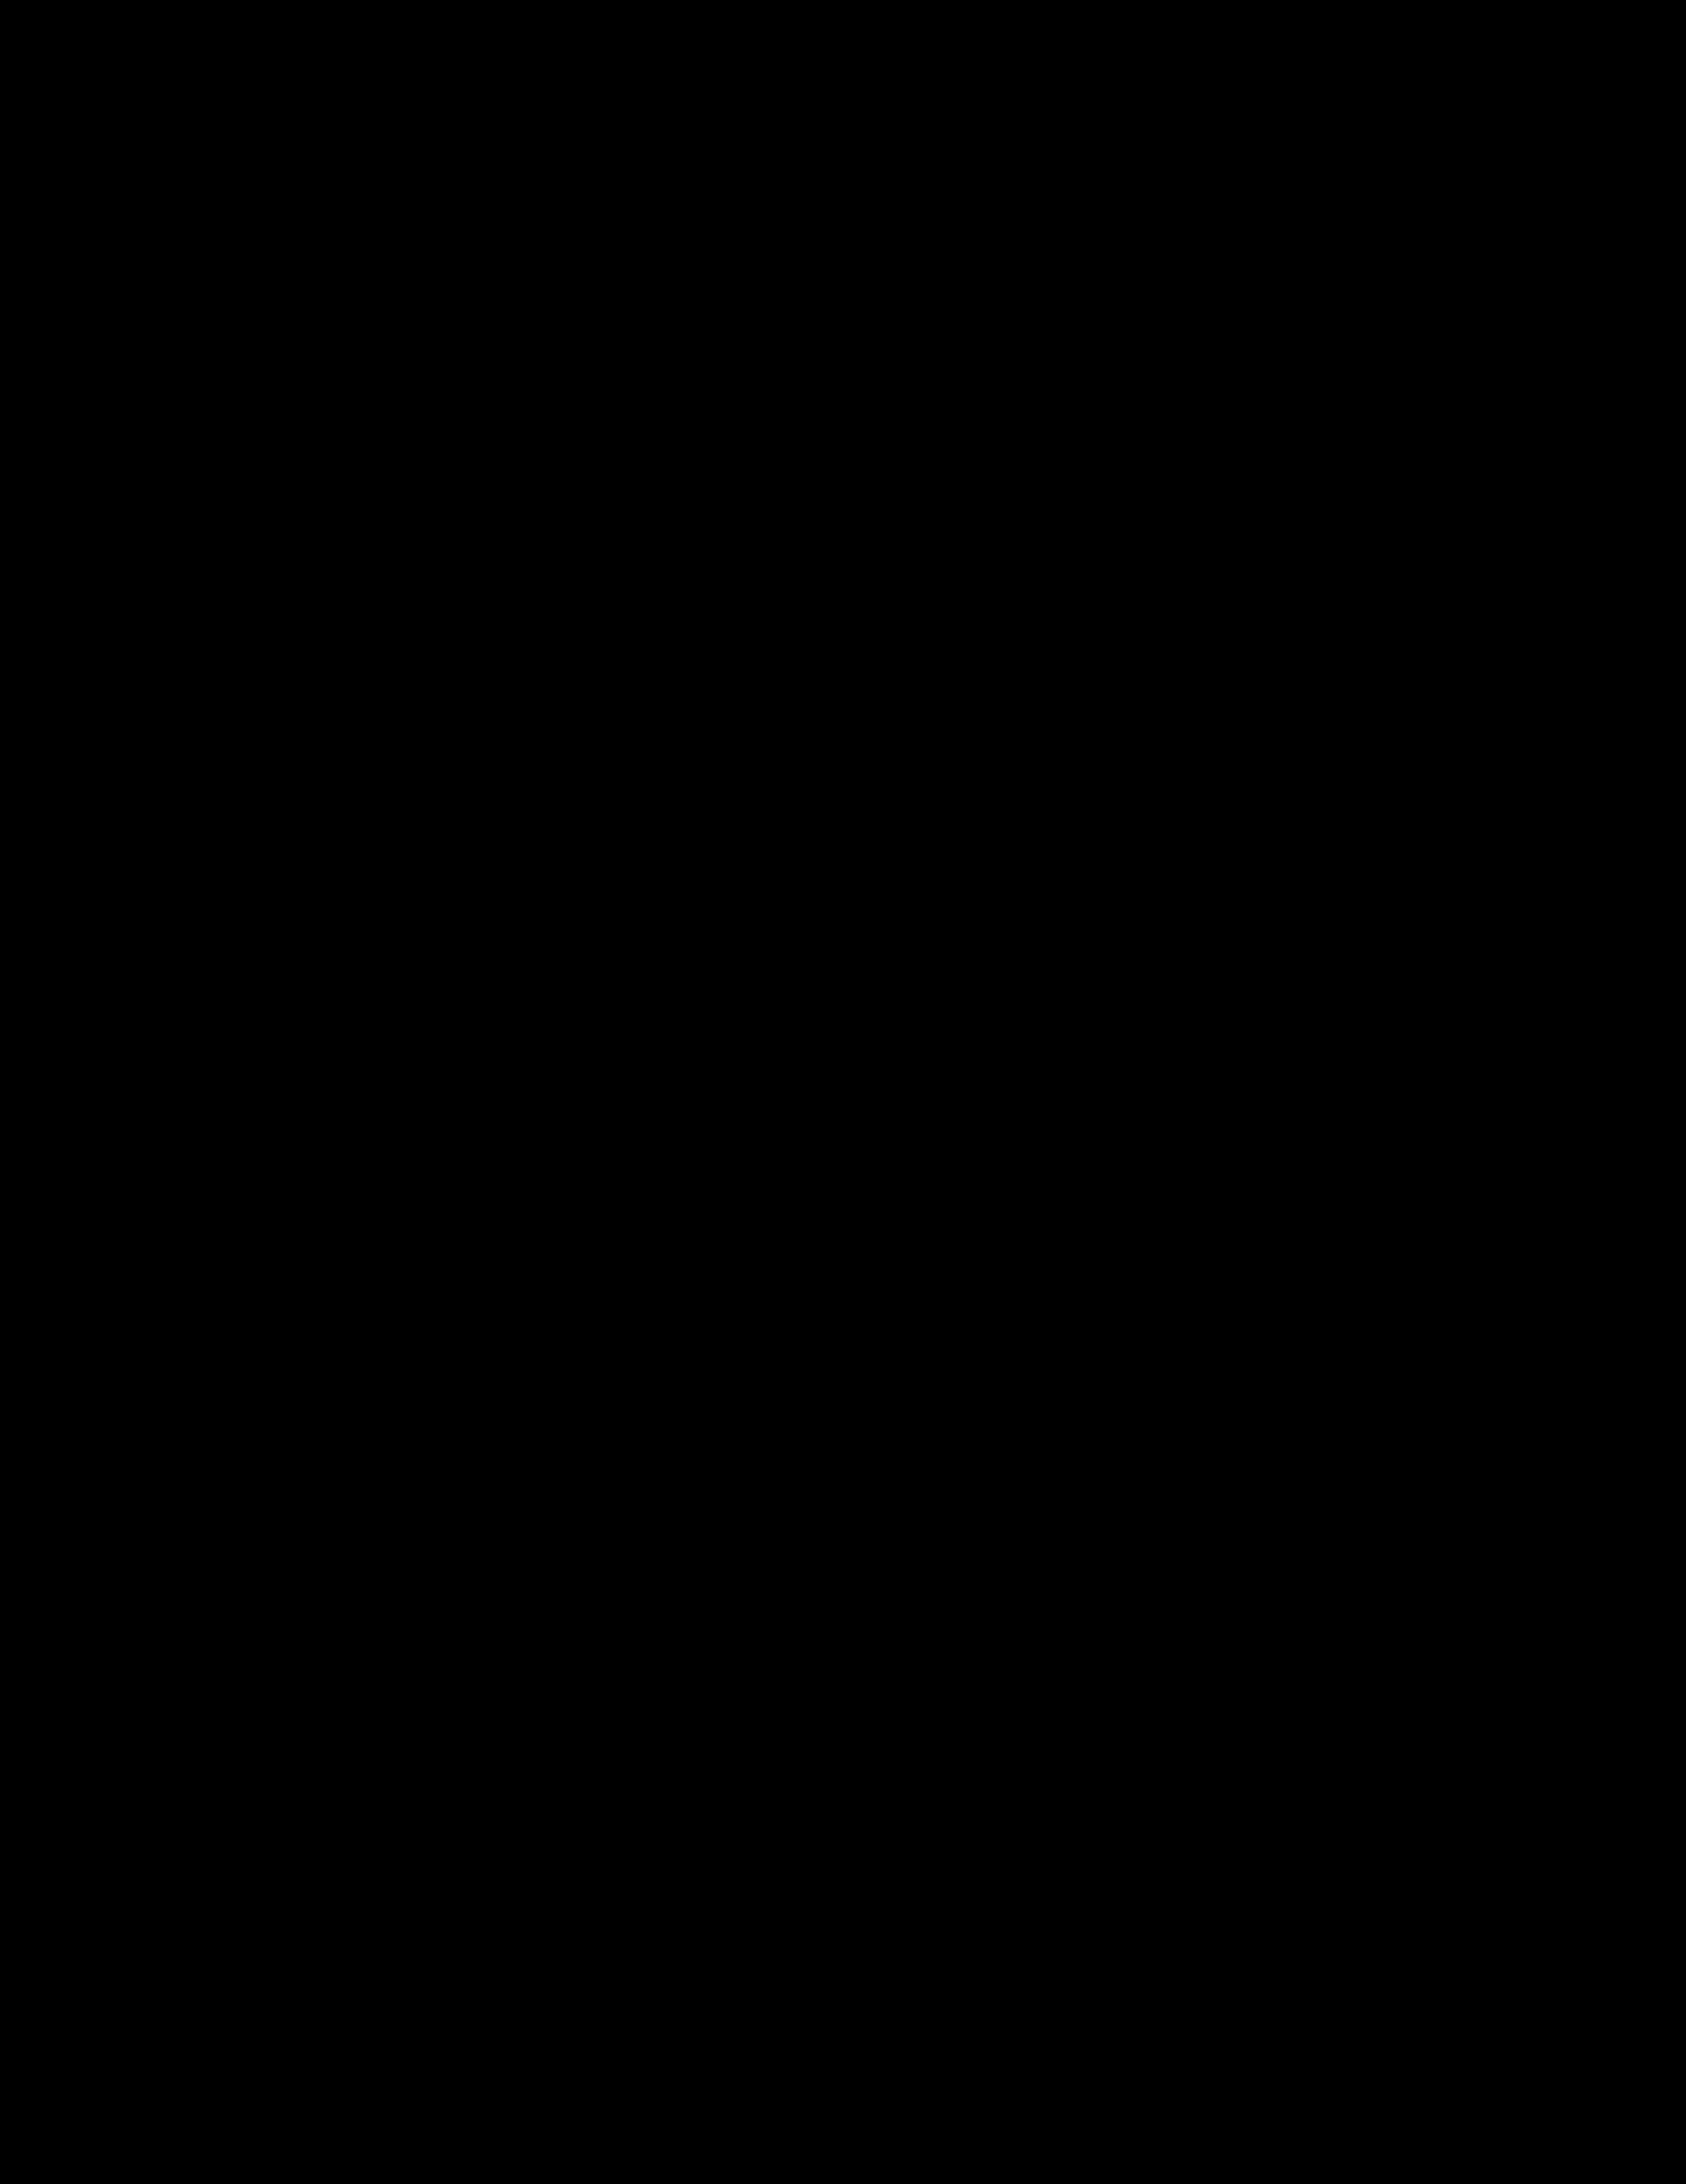 David Brock Letter to Jeb Bush